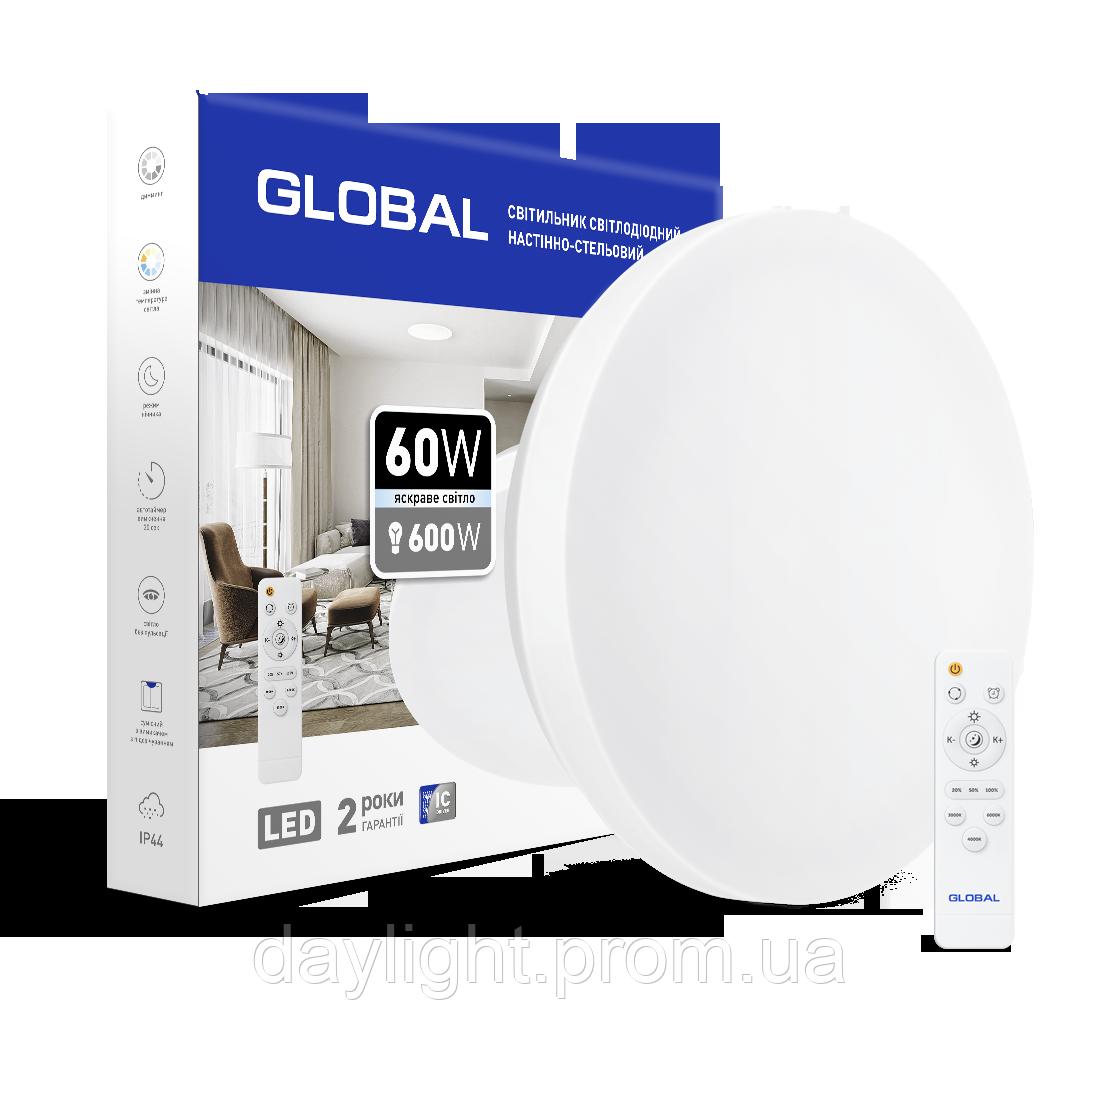 Умный светильник Global 60W (пульт, димминг, ночник, CCT 3000-6500K, IP44) круг